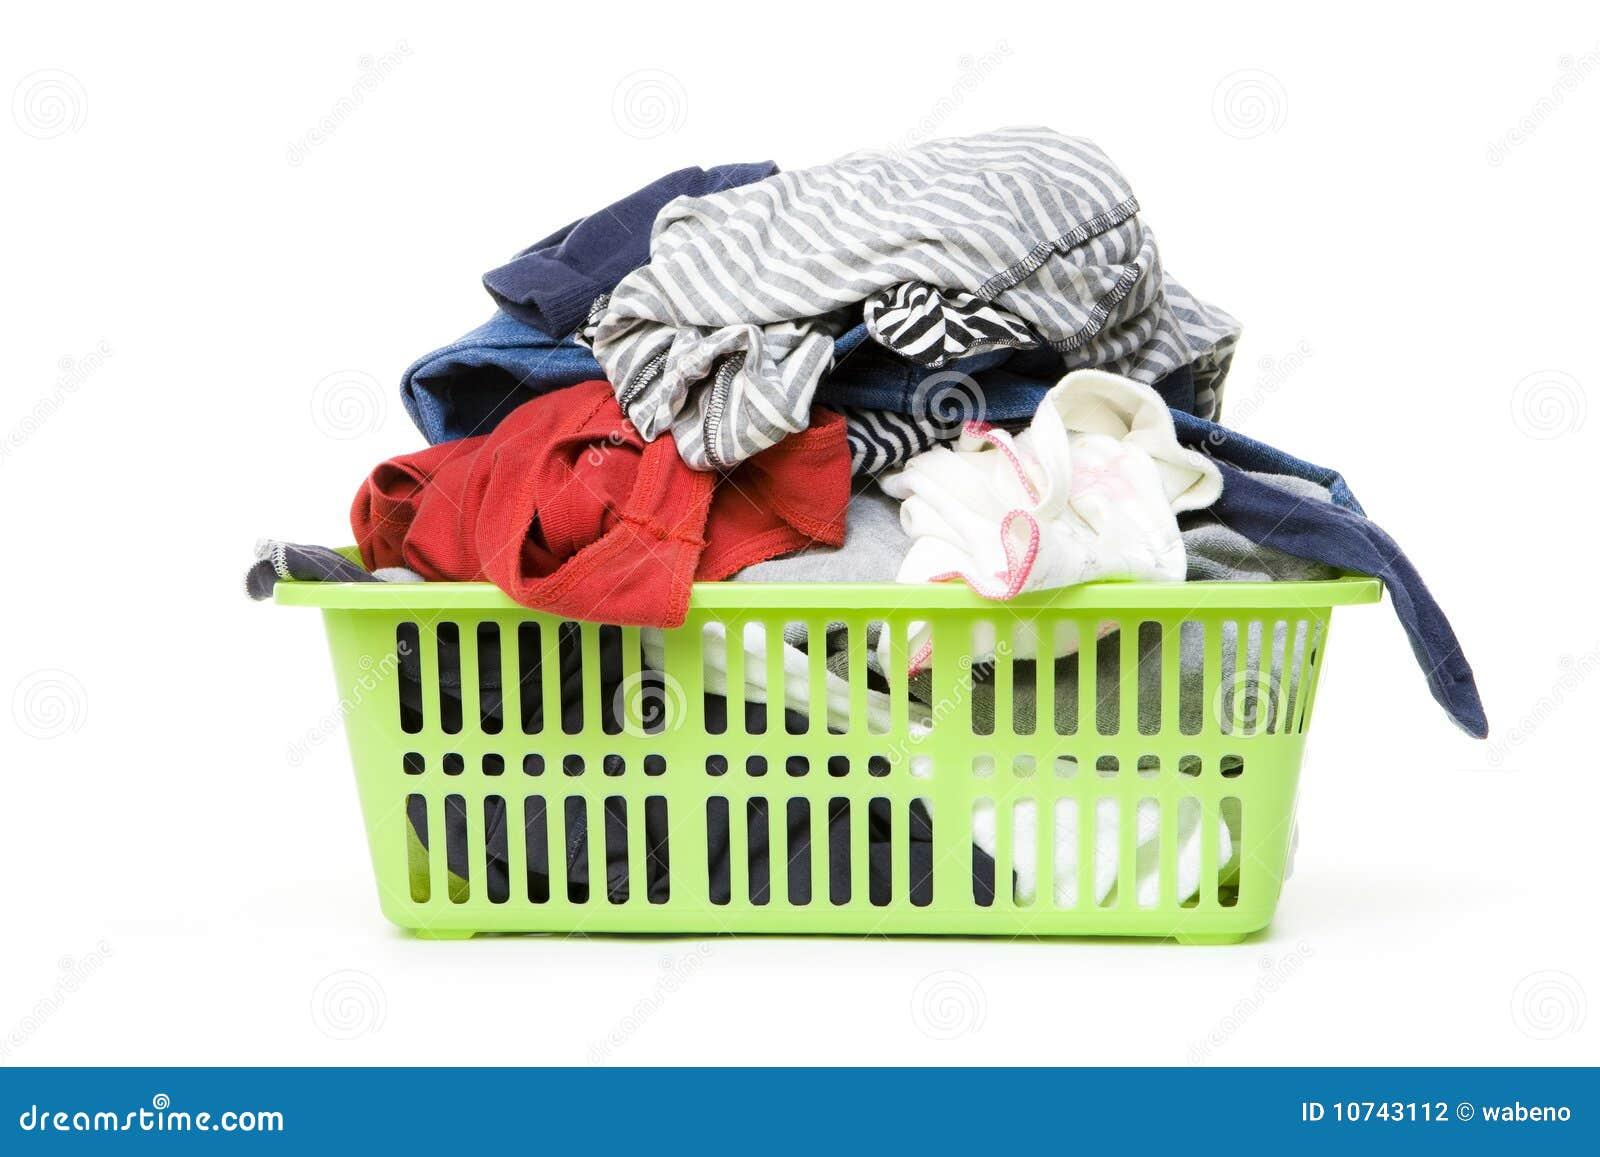 Cesta de lavadero y ropa sucia fotograf a de archivo - Cesta ropa sucia ...